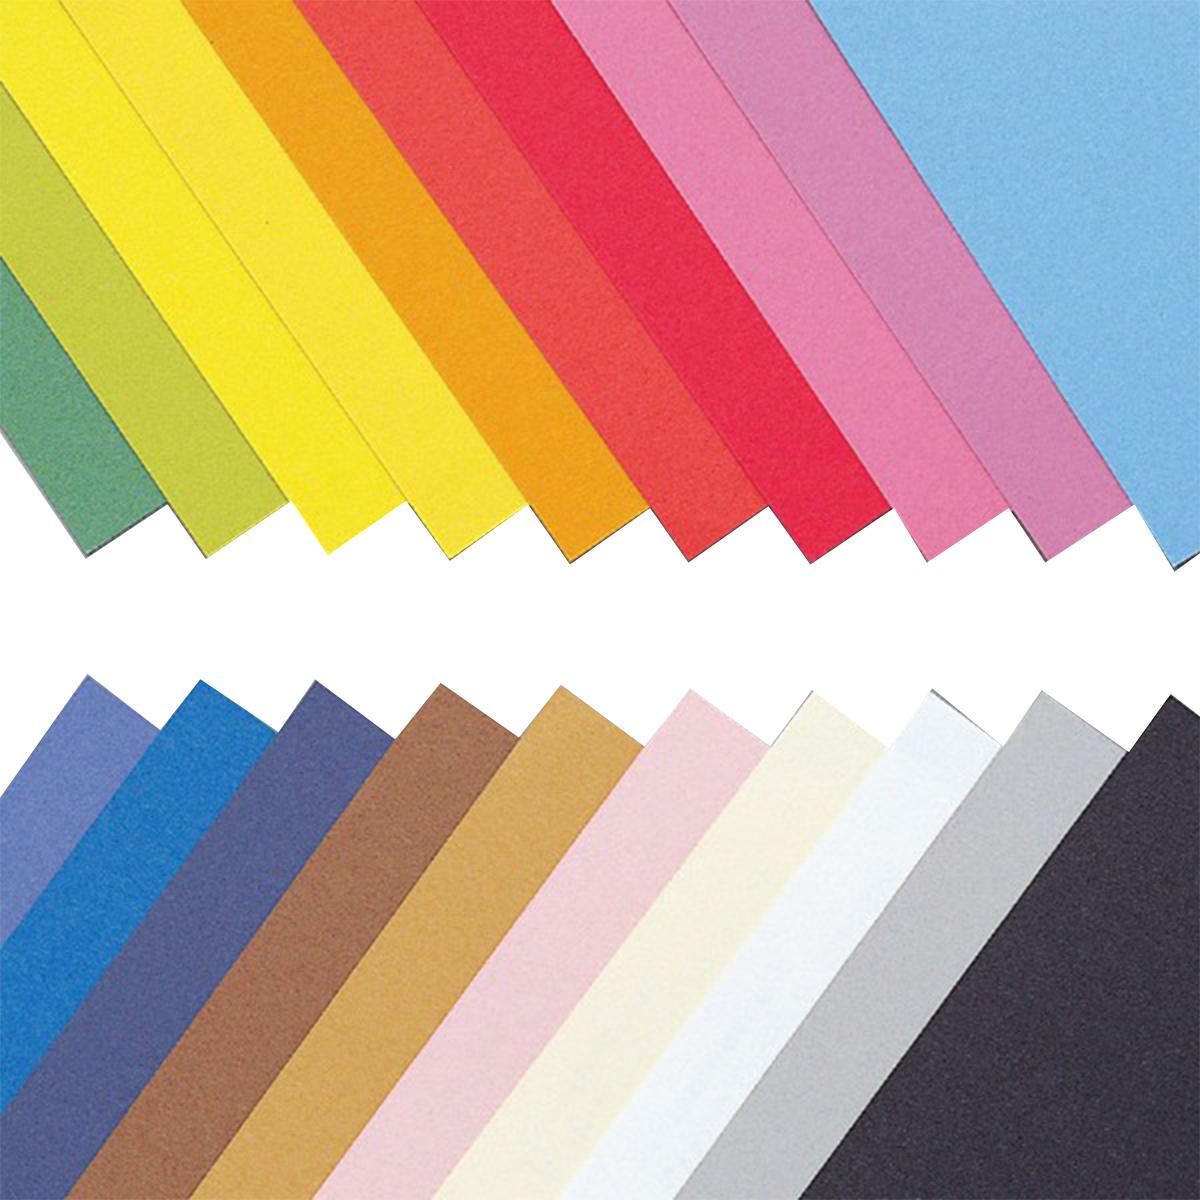 ラシャ紙 厚口 四つ切 20色 100枚組 【 紙 色紙 造形 フェルト 製作 】